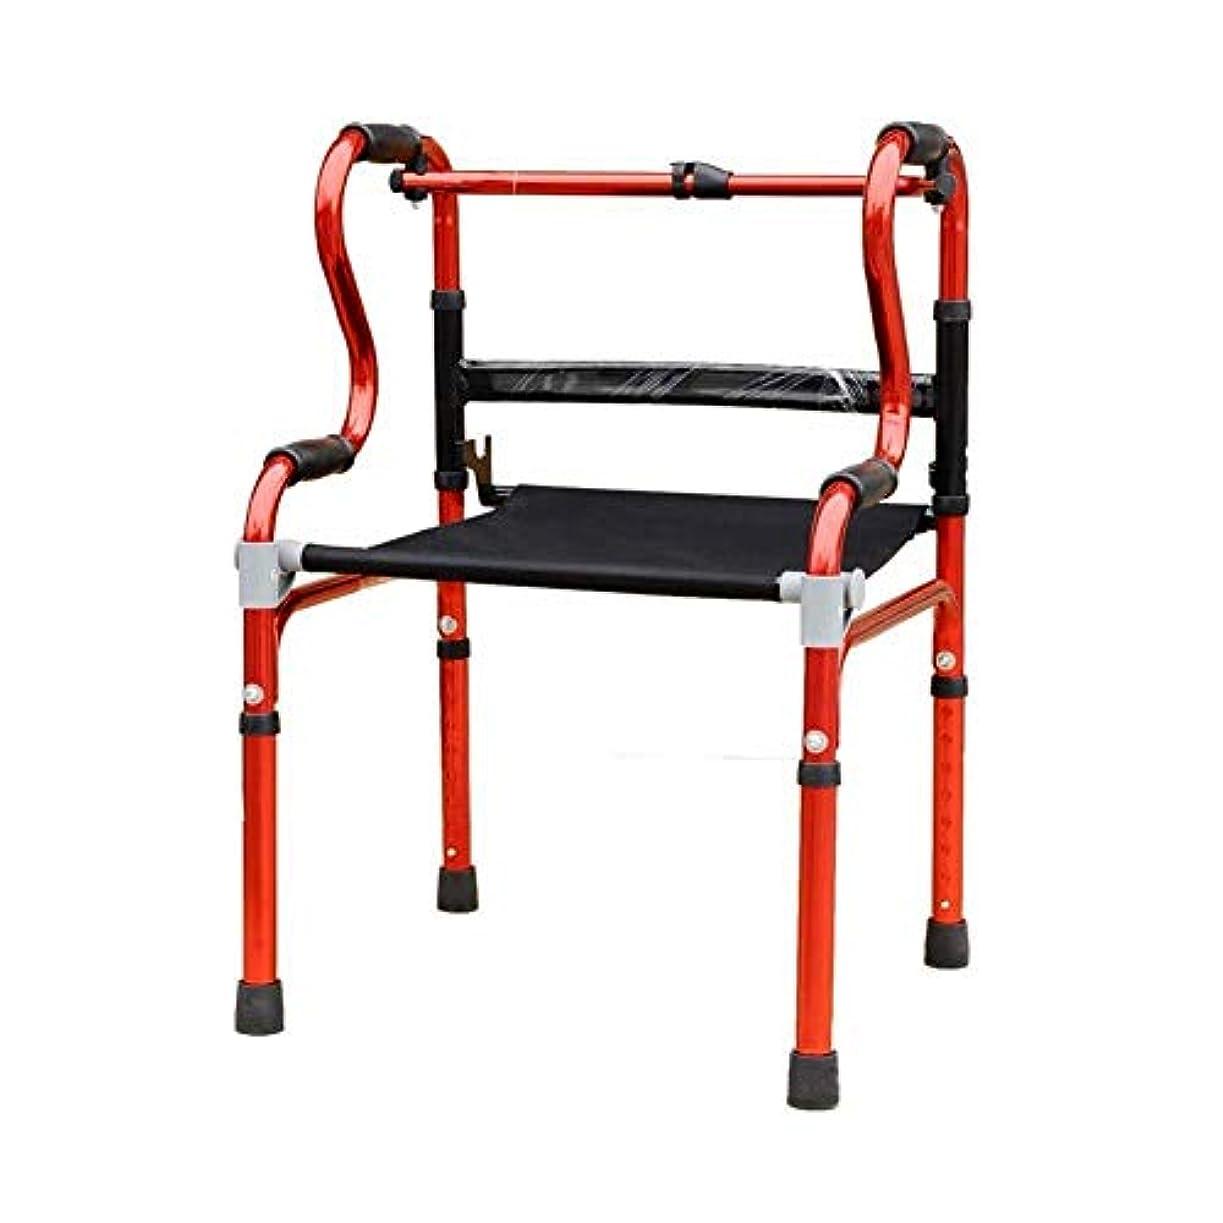 郵便局行う担保軽量ウォーカー、パッド入りシートとバッグコンパクト折りたたみデザイン高齢者ウォーカー付きアルミニウムローラー